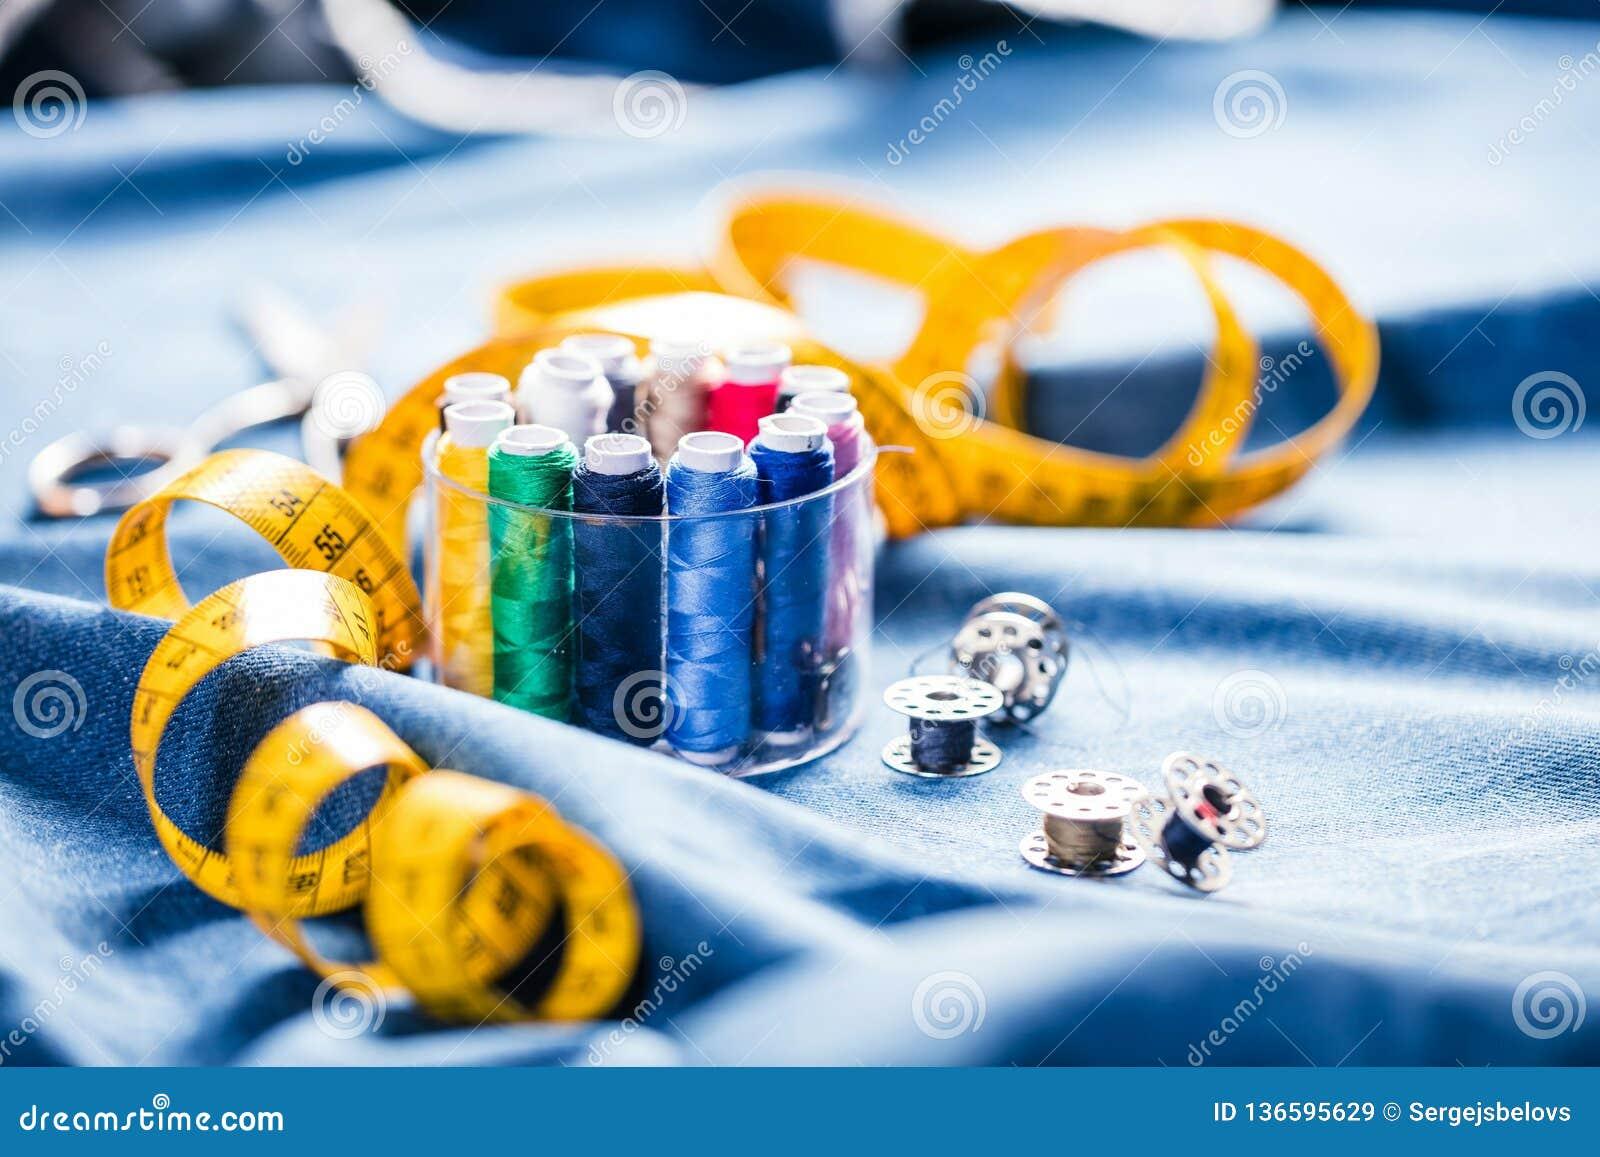 Tyg av olika typer och objekt för att sy Mångfärgat tyg, trådrullar, visare, en sömnad tafsar är nödvändigt för att sy